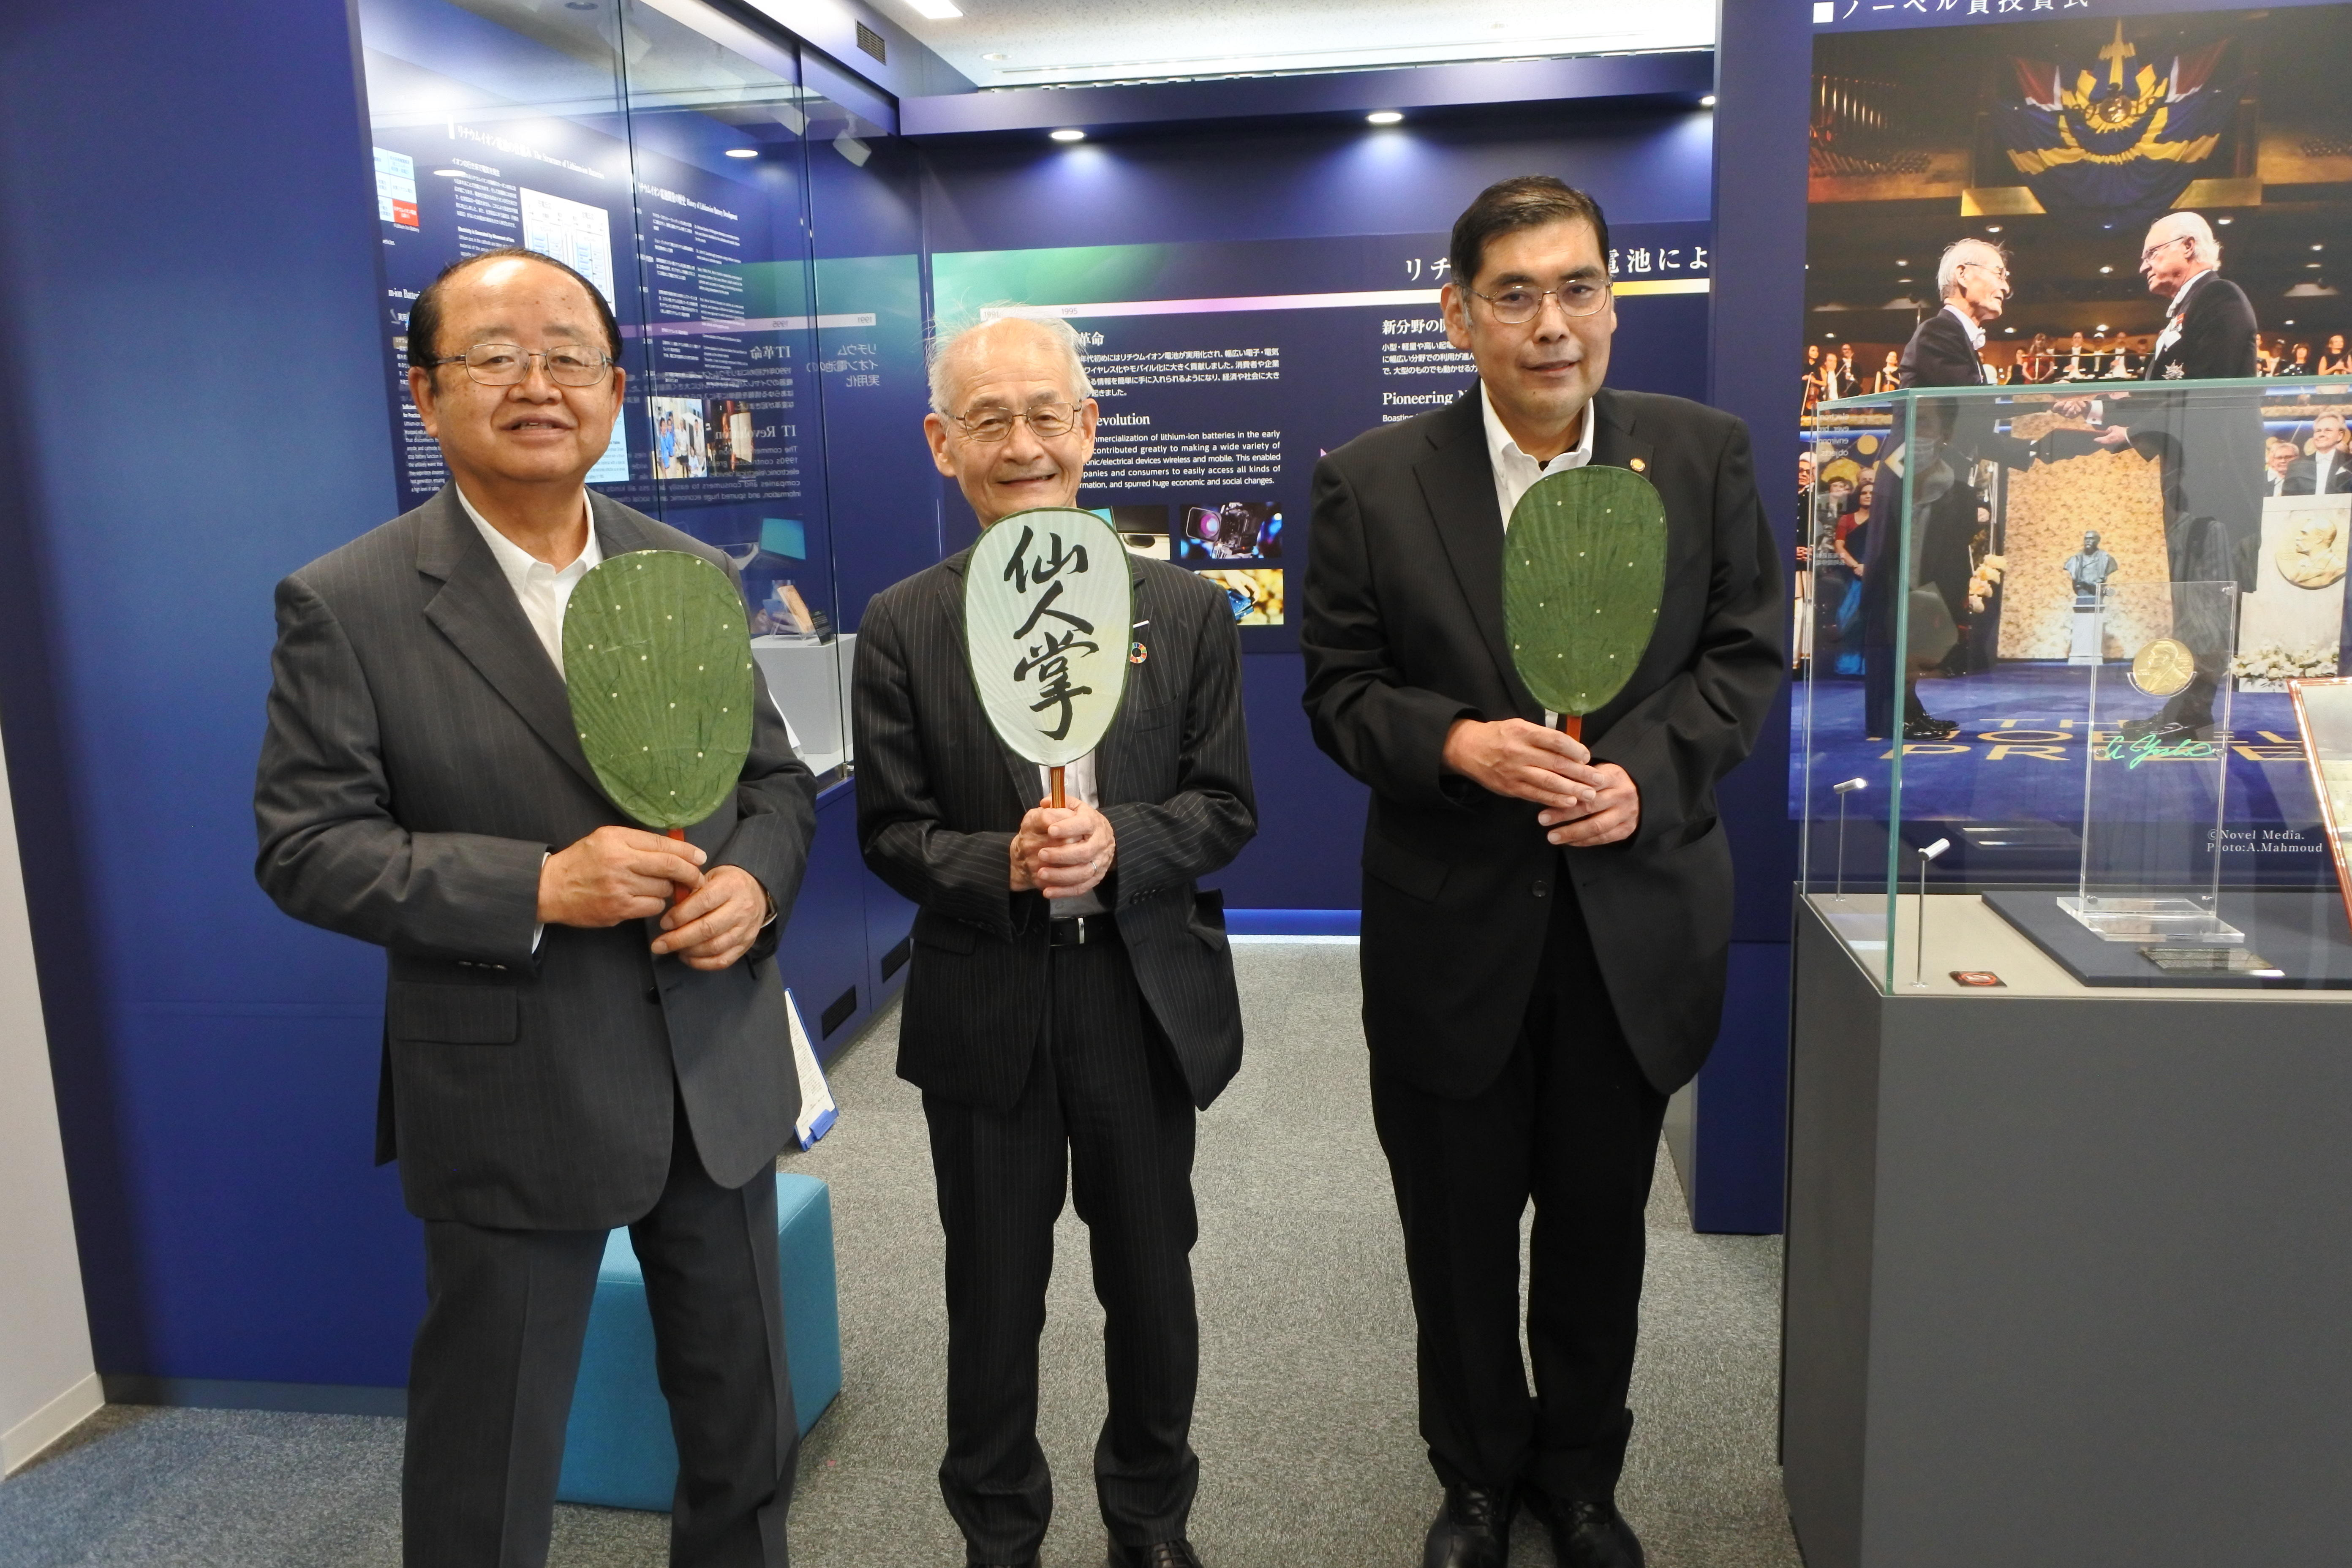 ガラスケースの脇で記念写真に納まる(左から)立花貞司理事長、吉野終身教授、小原学長